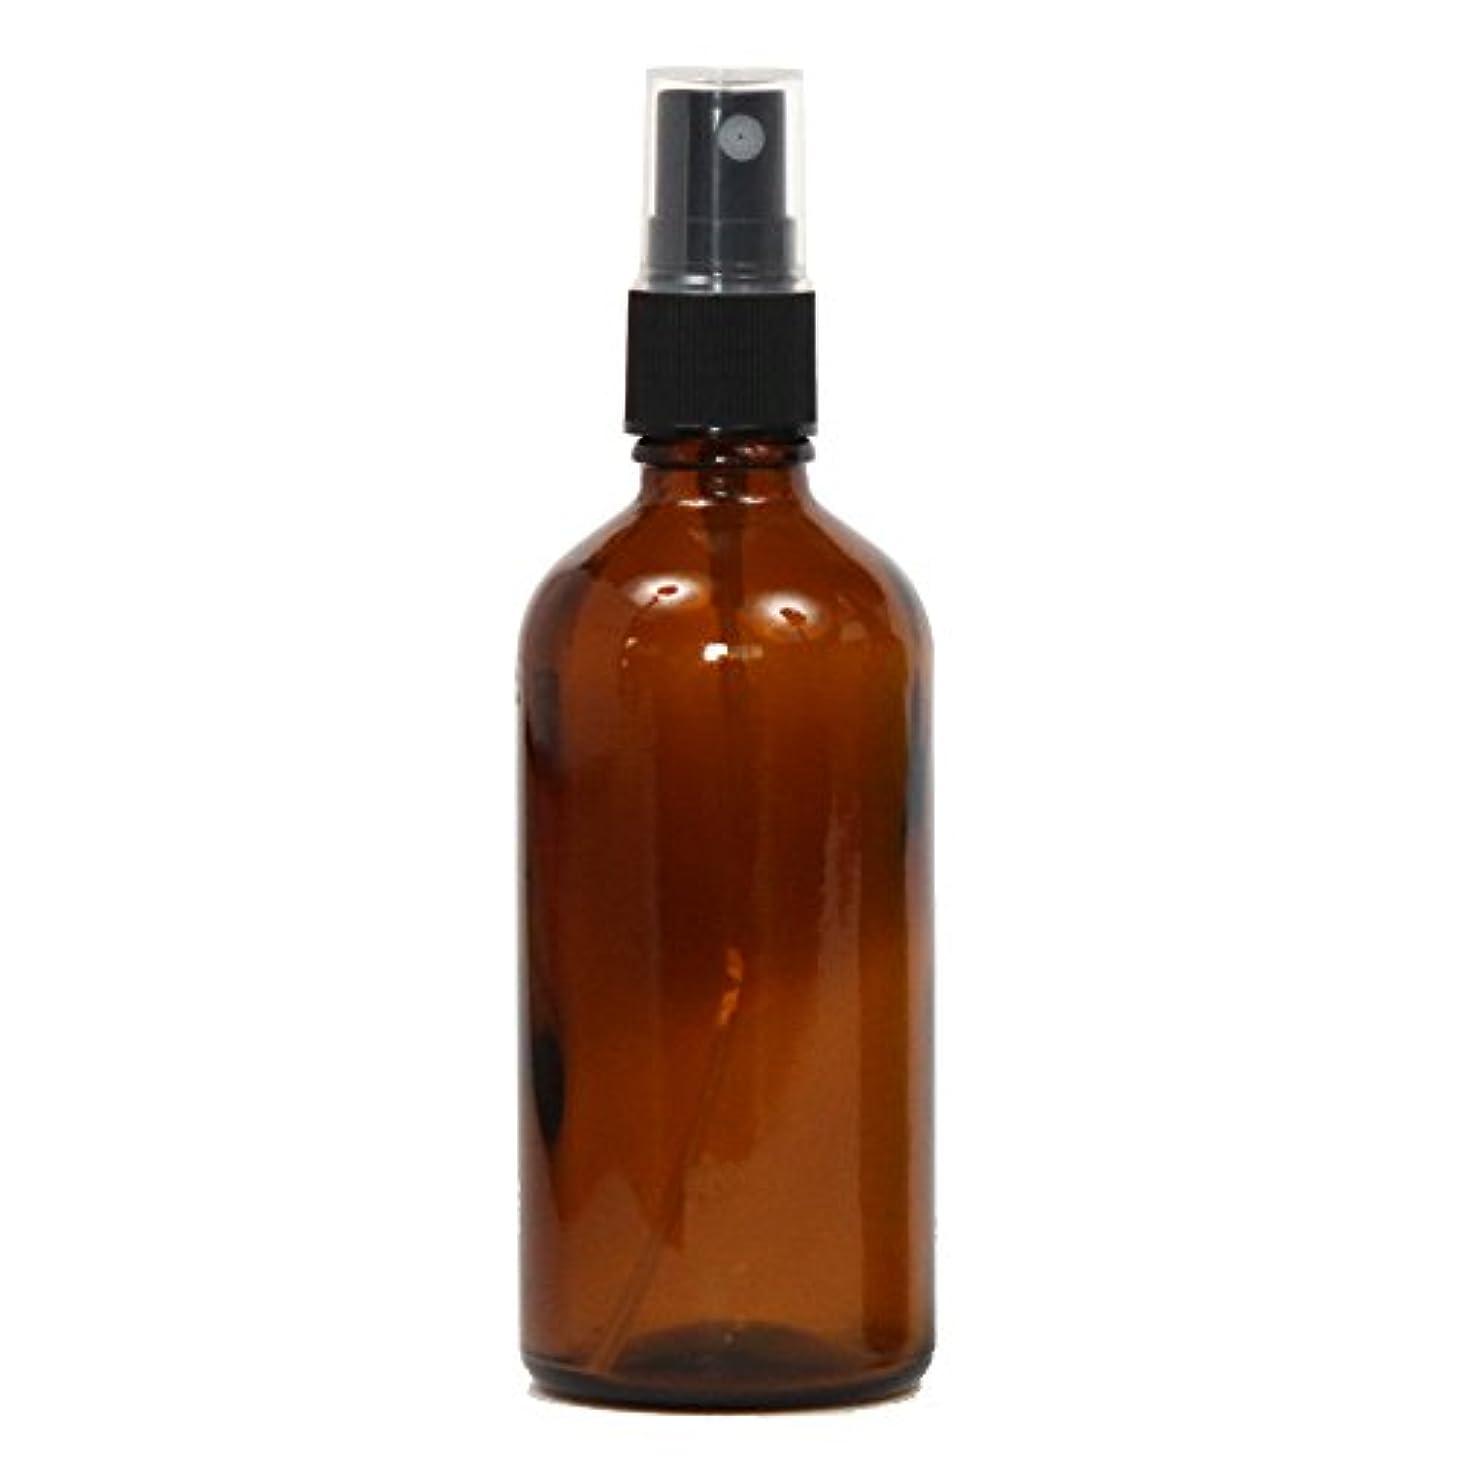 ランダムコンパニオン窒素スプレーボトル ガラス瓶 100mL 【アンバー 茶色】 遮光性 ガラスアトマイザー 空容器br100g